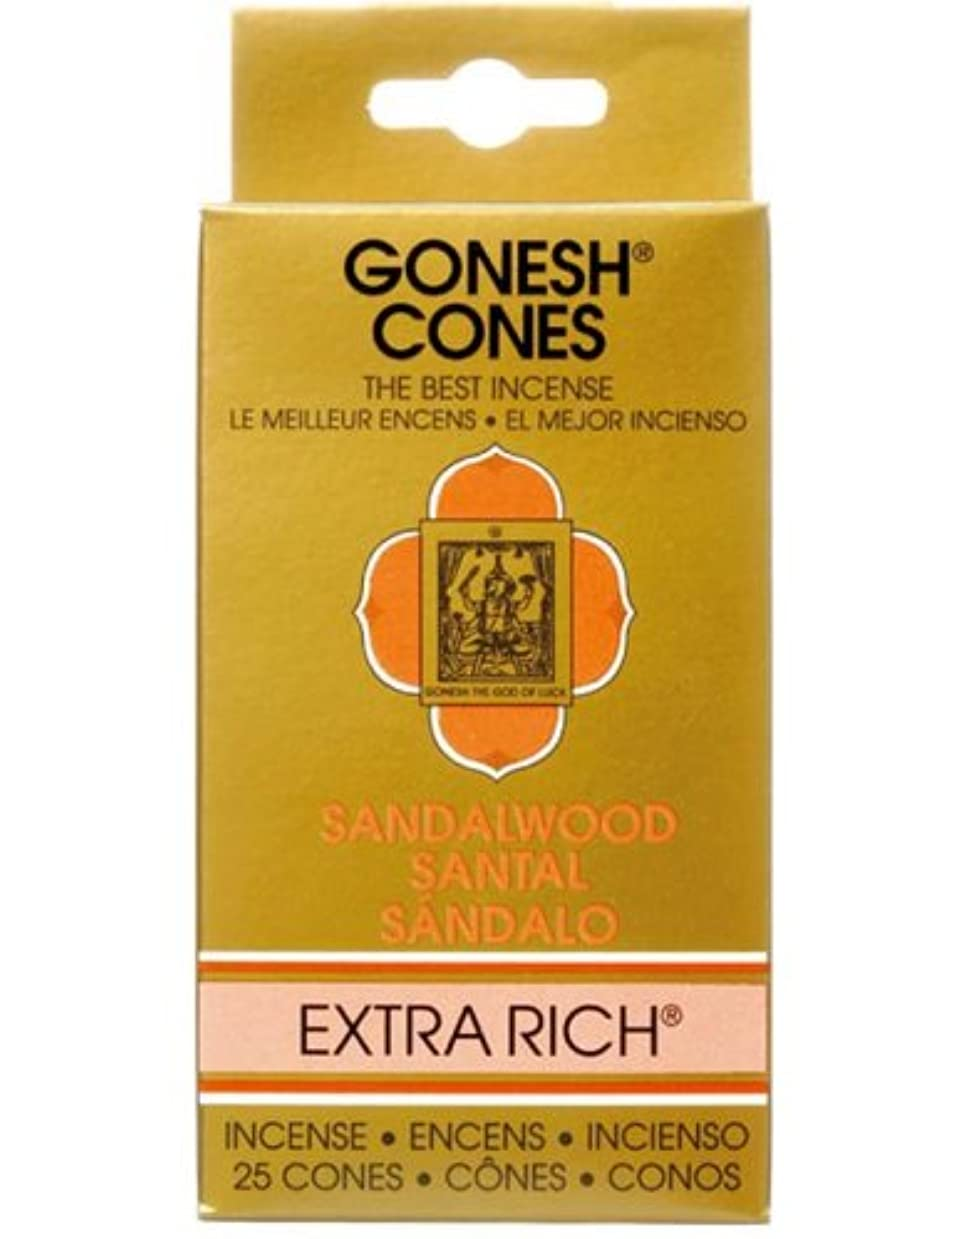 支出昼食試すガーネッシュ(GONESH) エクストラリッチ インセンス コーン サンダルウッド(白檀) 25個入(お香)